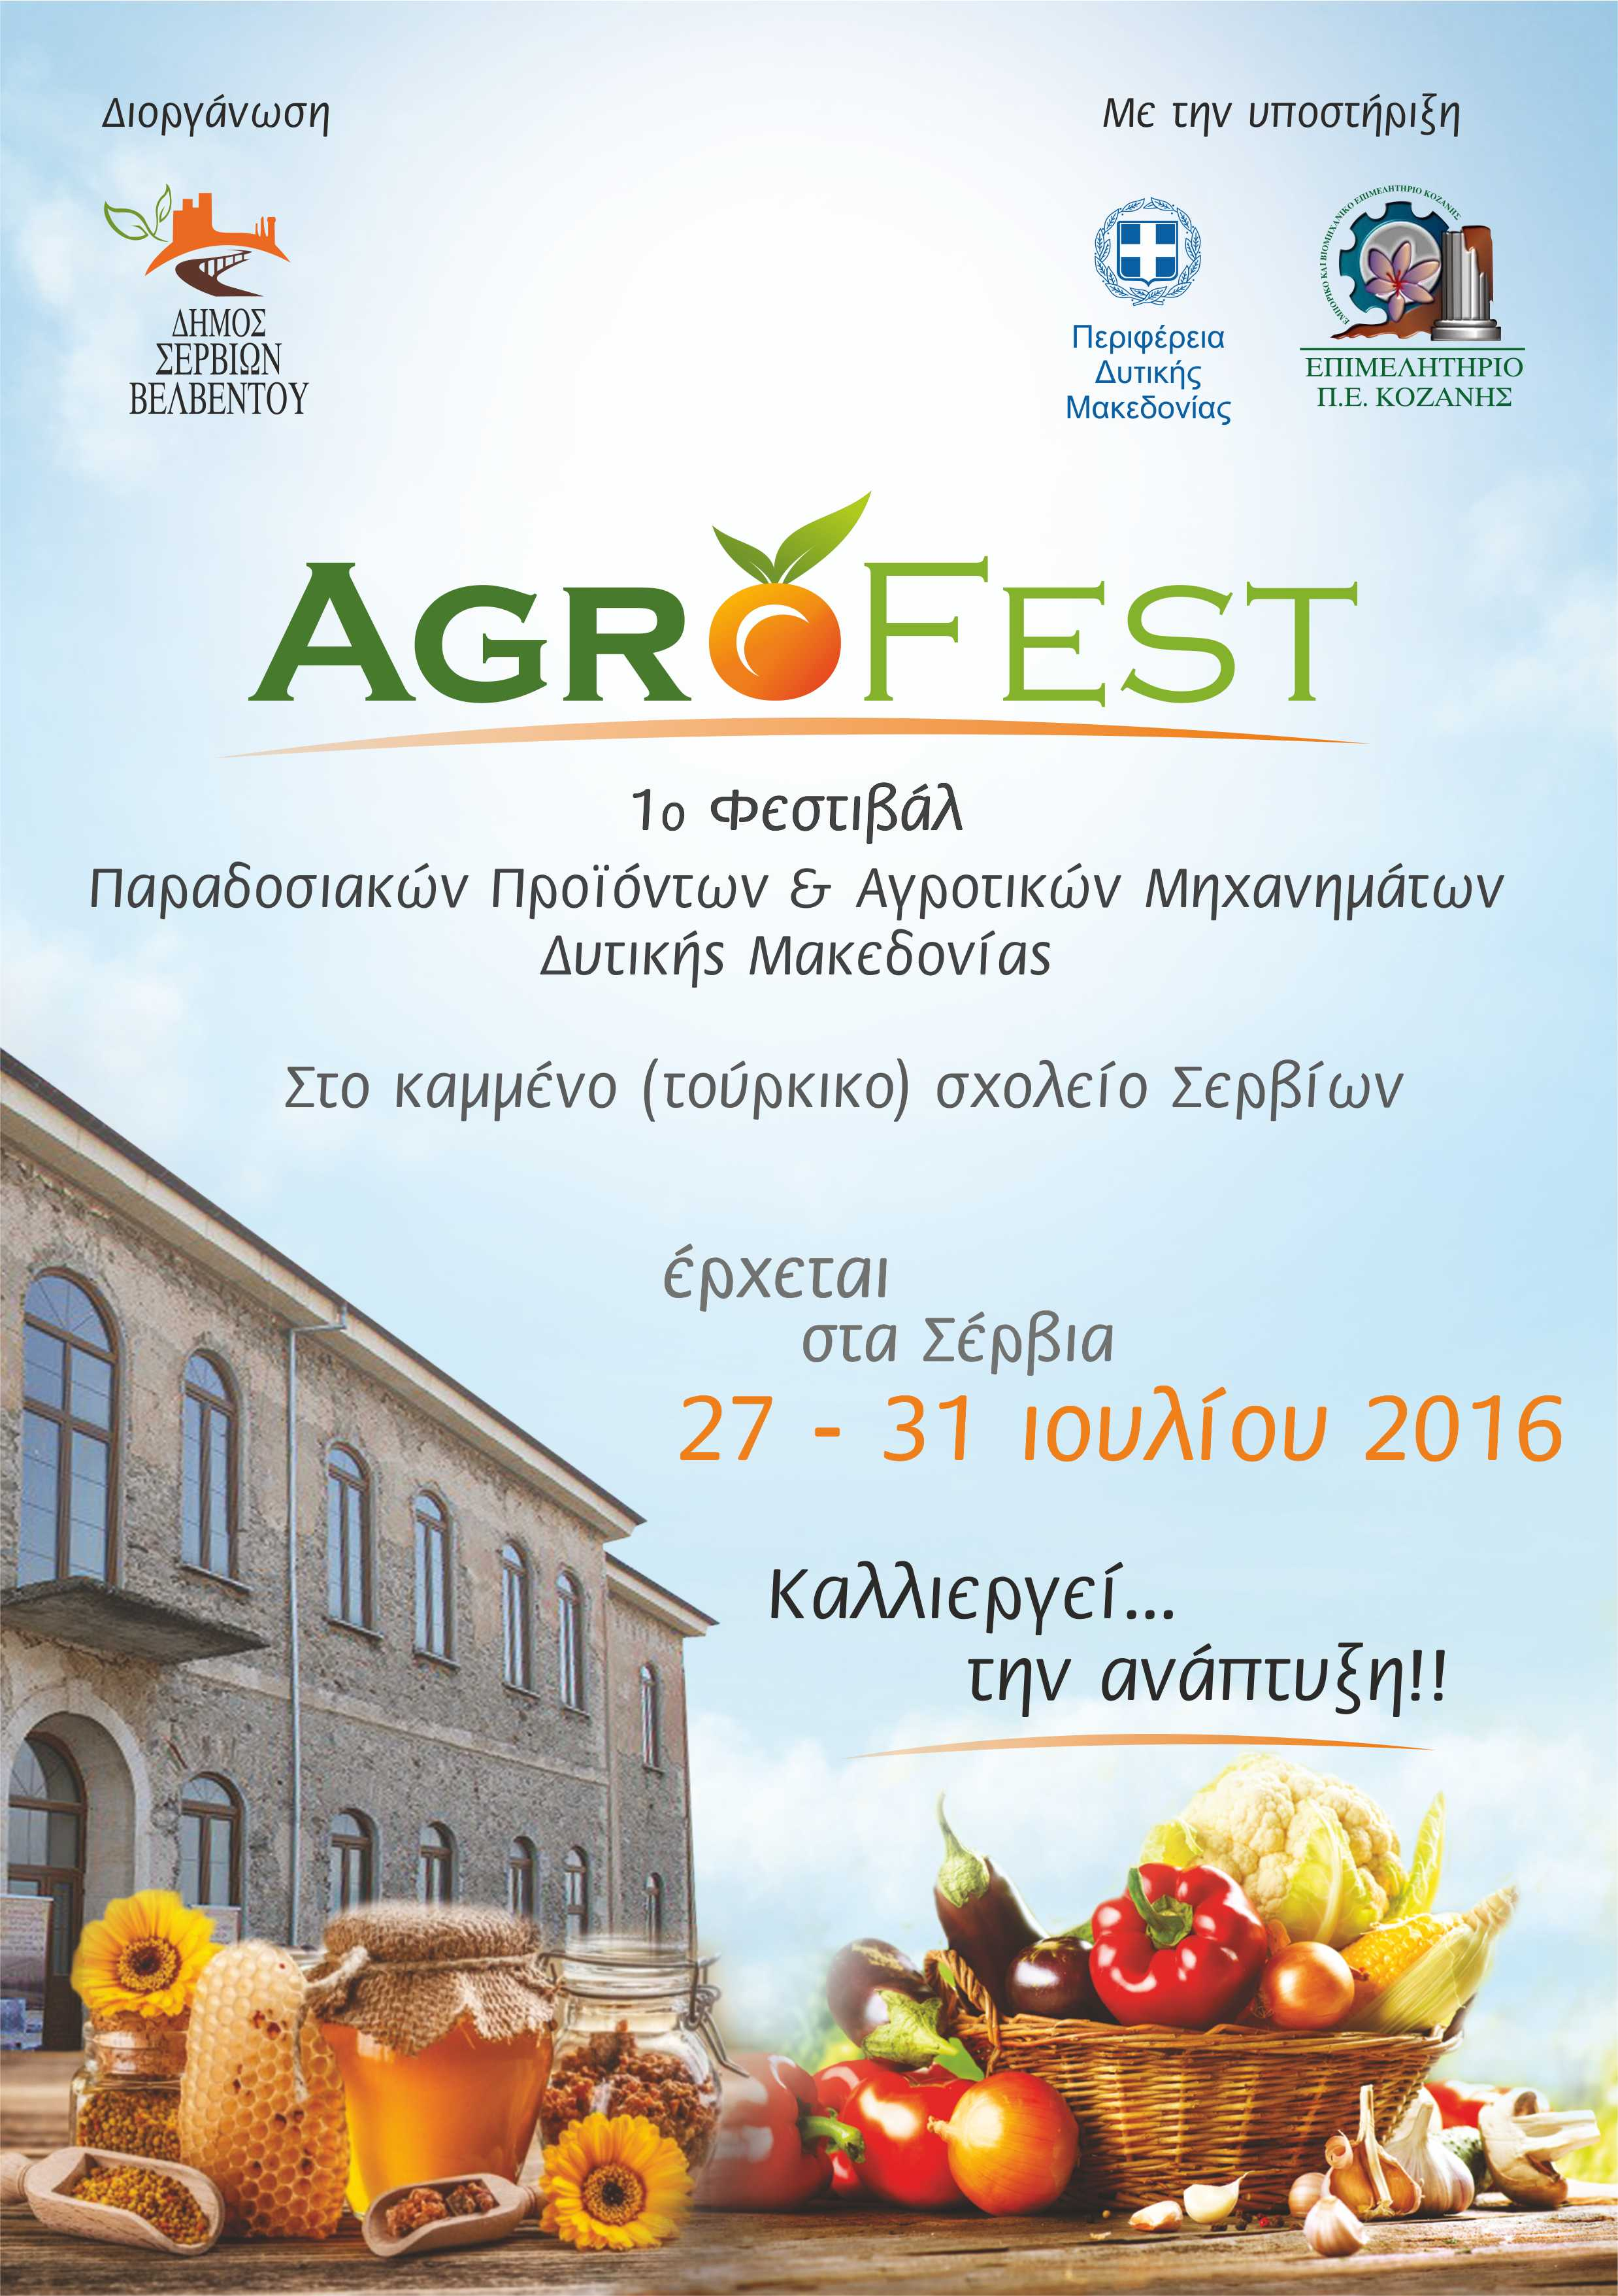 1ο Φεστιβάλ Παραδοσιακών προϊόντων & αγροτικών μηχανημάτων Δυτικής Μακεδονίας AGROFEST, από την Τετάρτη  27 έως και την Κυριακή 31 Ιουλίου 2016 που θα διεξαχθεί στο Καμμένο ( τούρκικο) σχολείο των Σερβίων